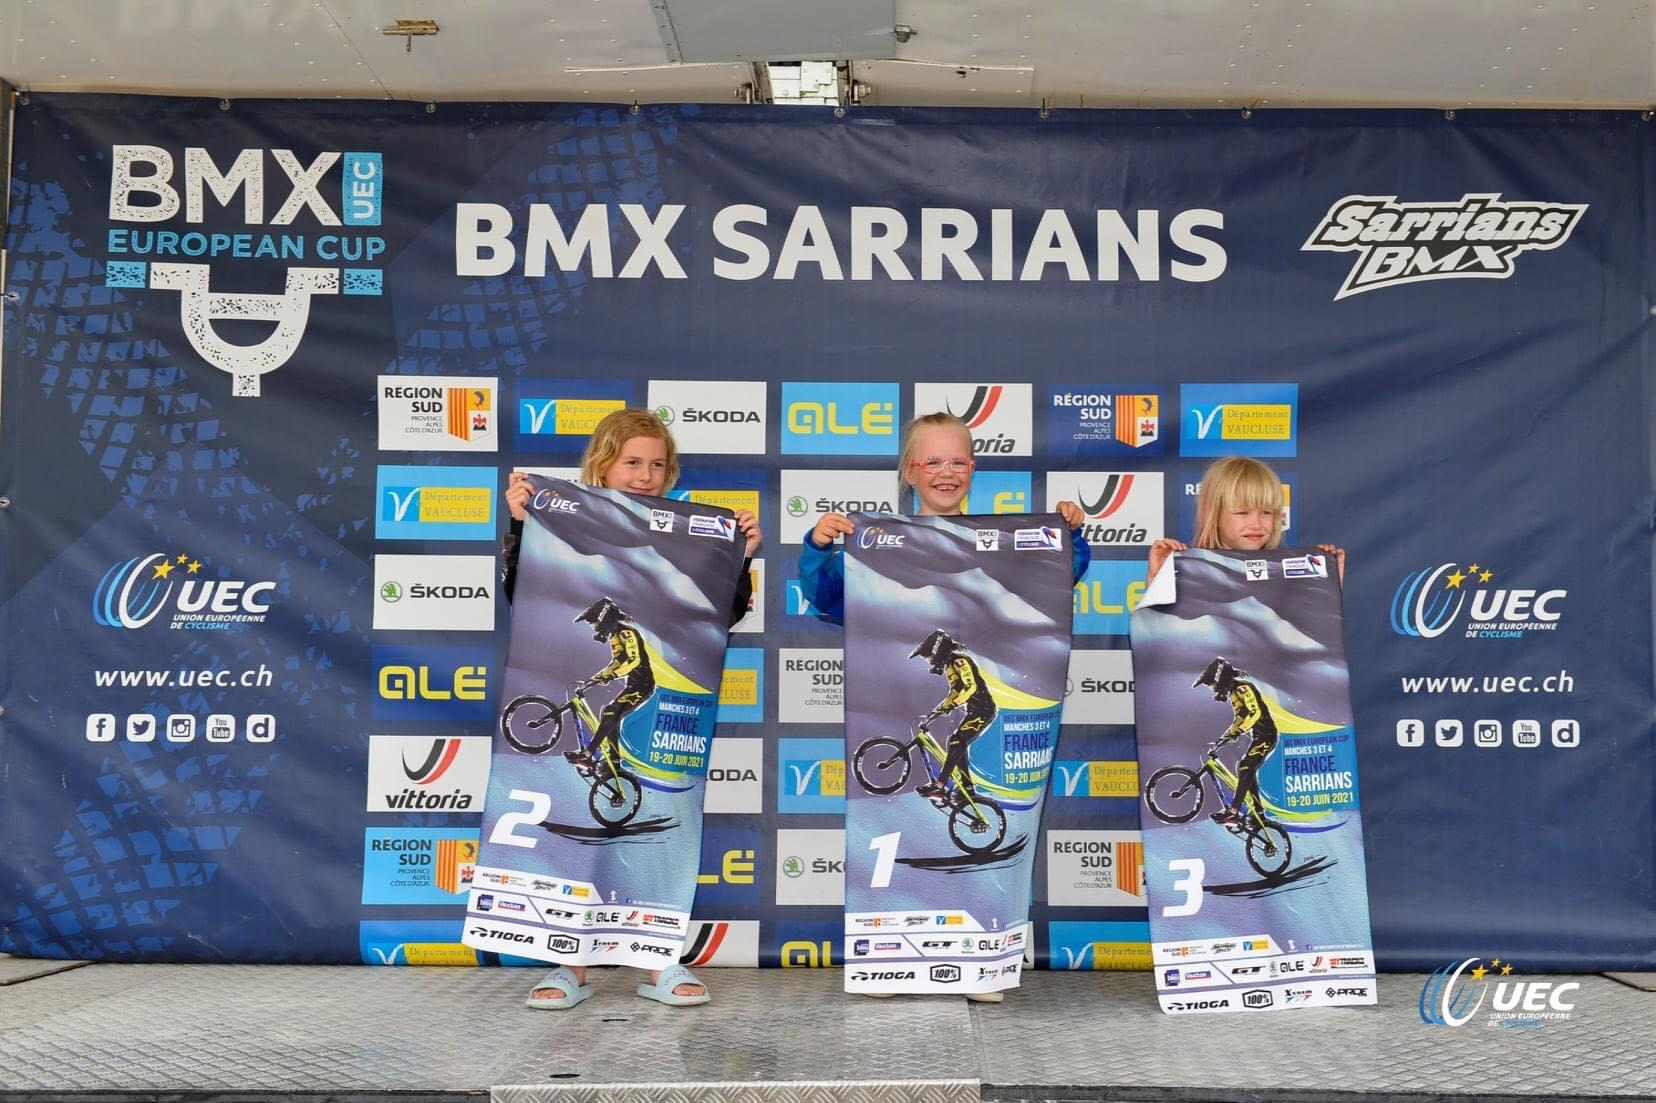 Winst voor Laura Smulders en André in Ronde 4 van het Europees Kampioenschap in Sarrains